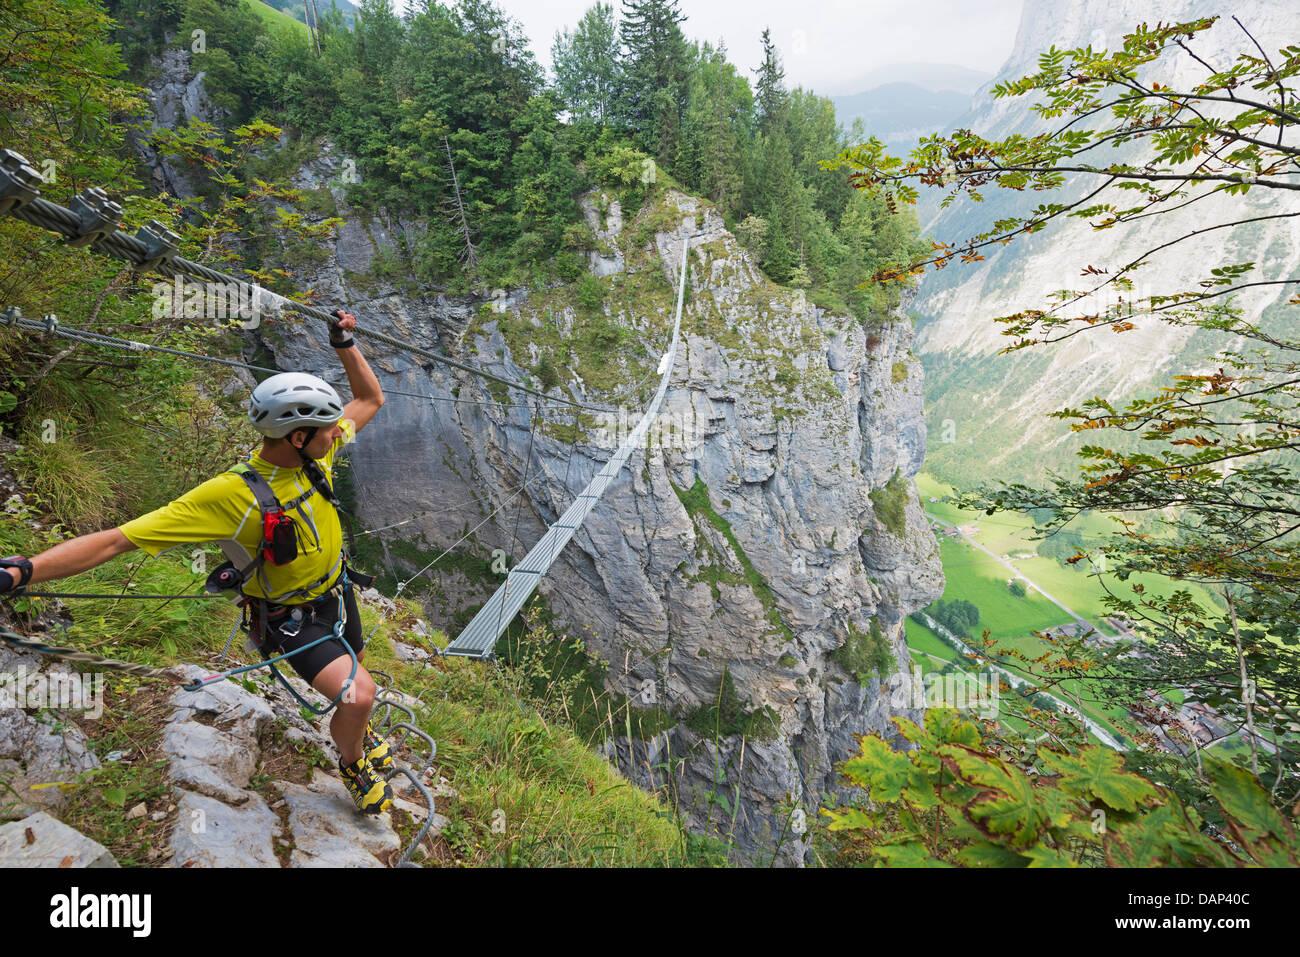 Klettersteig Bern : Europa schweizer alpen schweiz berner oberland mürren